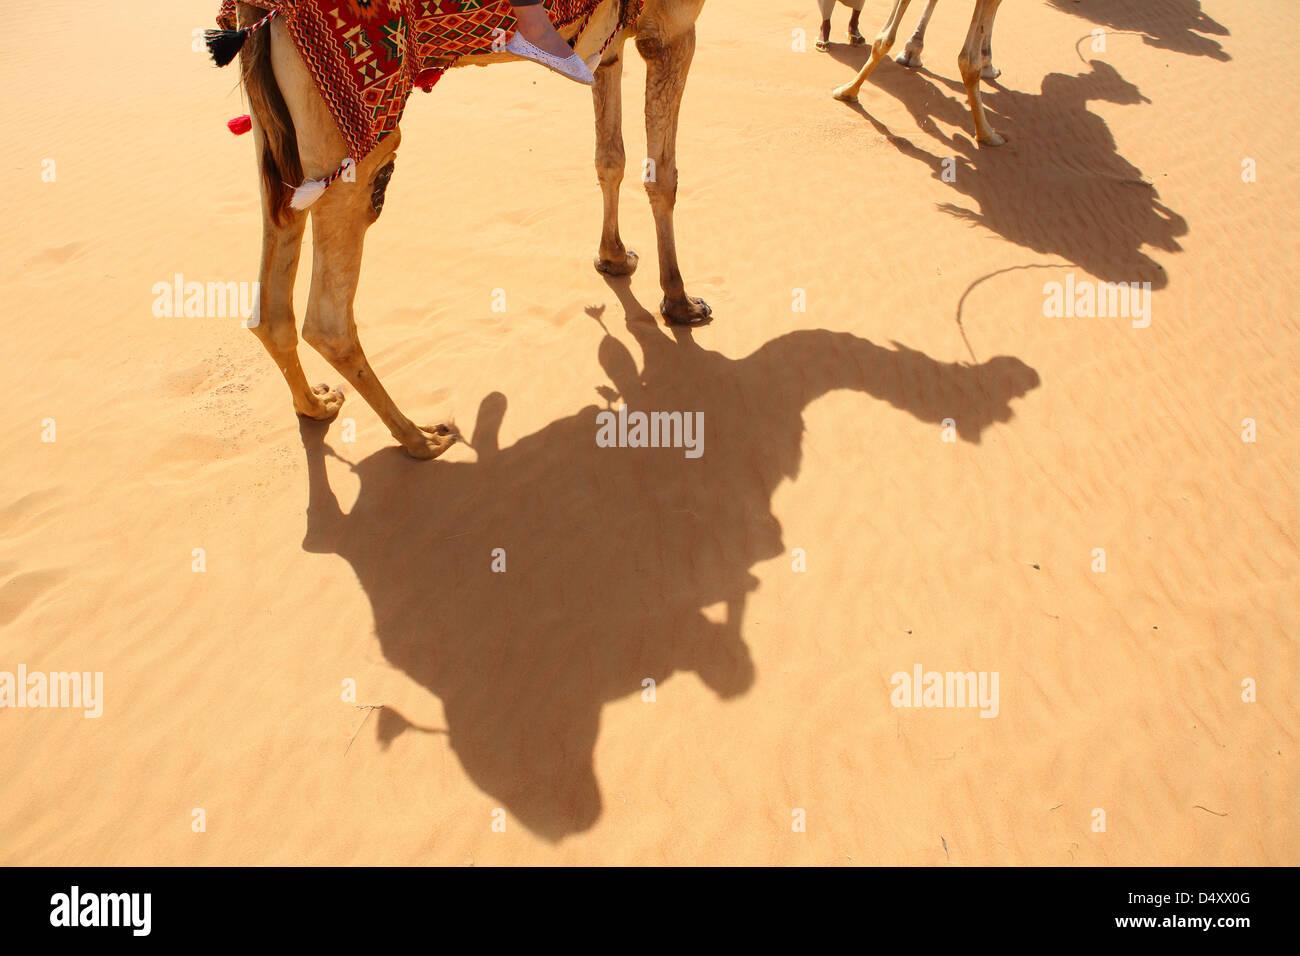 Schatten der Kamele auf Wüstensand, Dubai, Vereinigte Arabische Emirate Stockbild